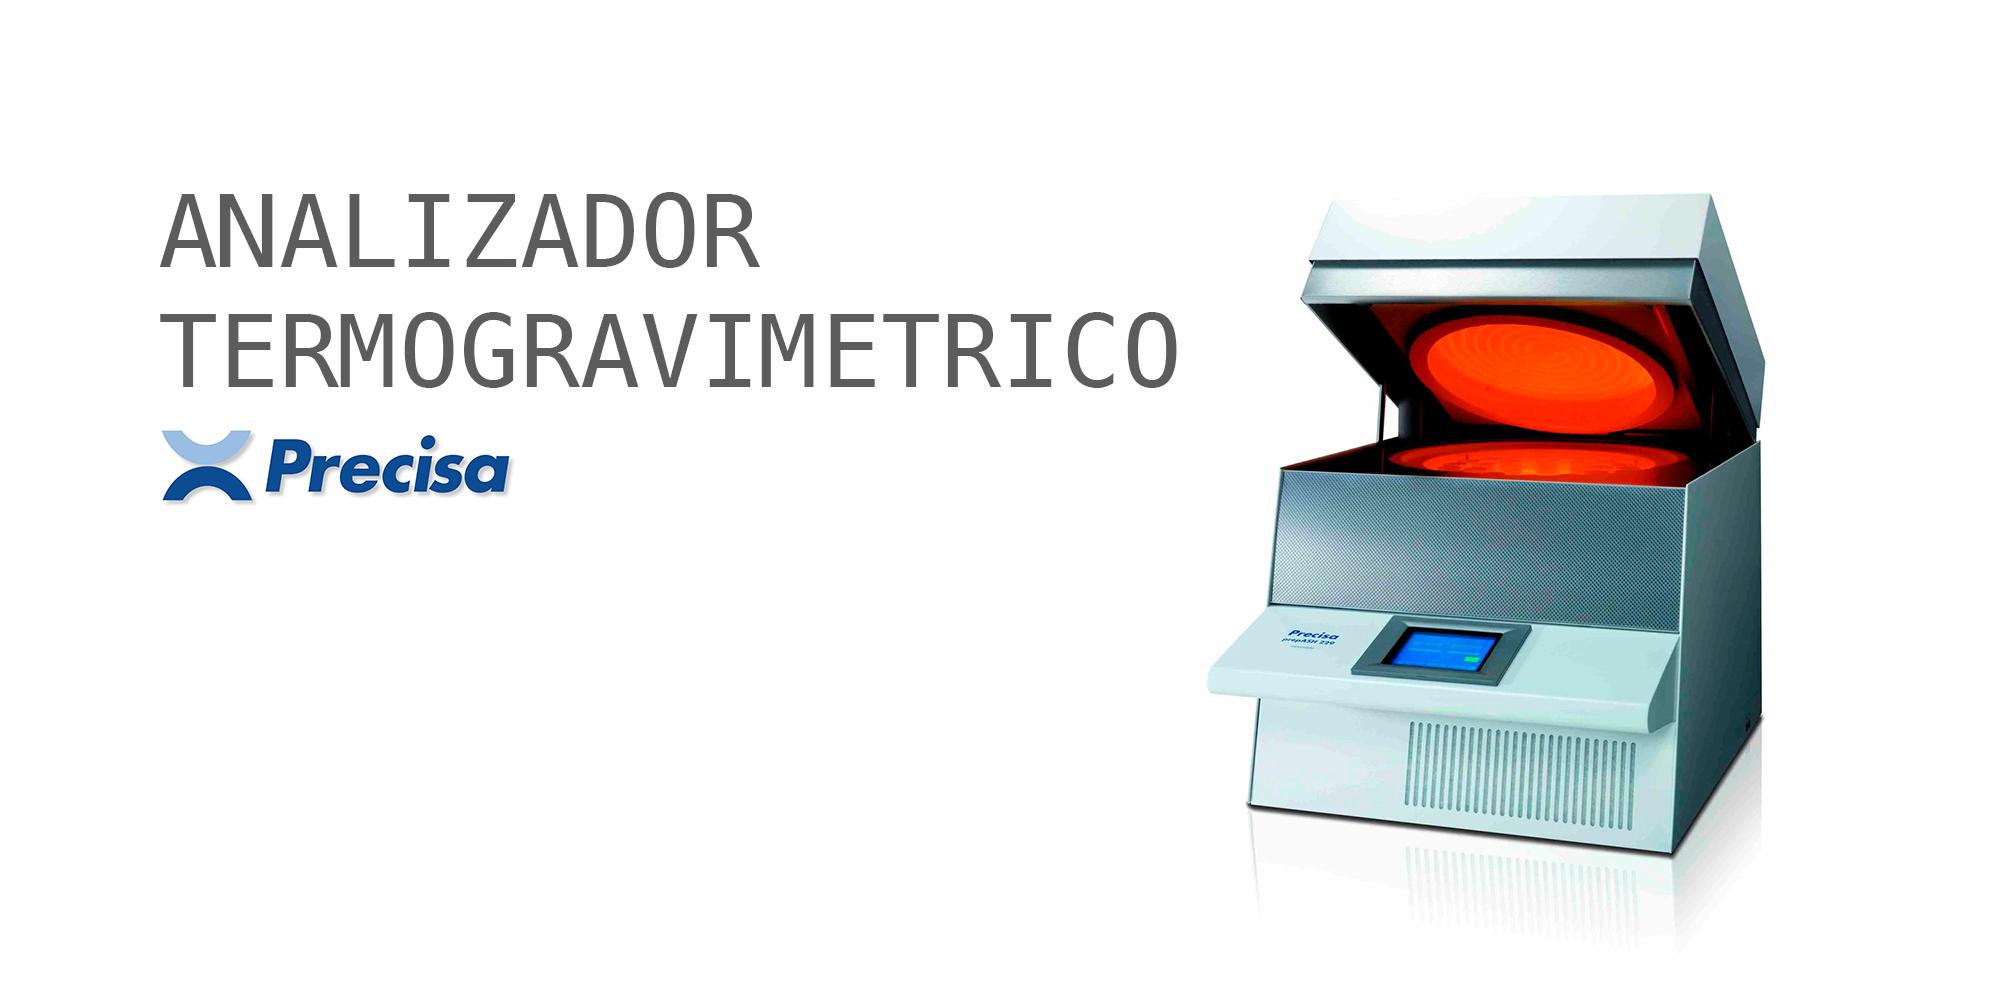 ANALIZADOR TERMOGRAVIMETRICO.jpg